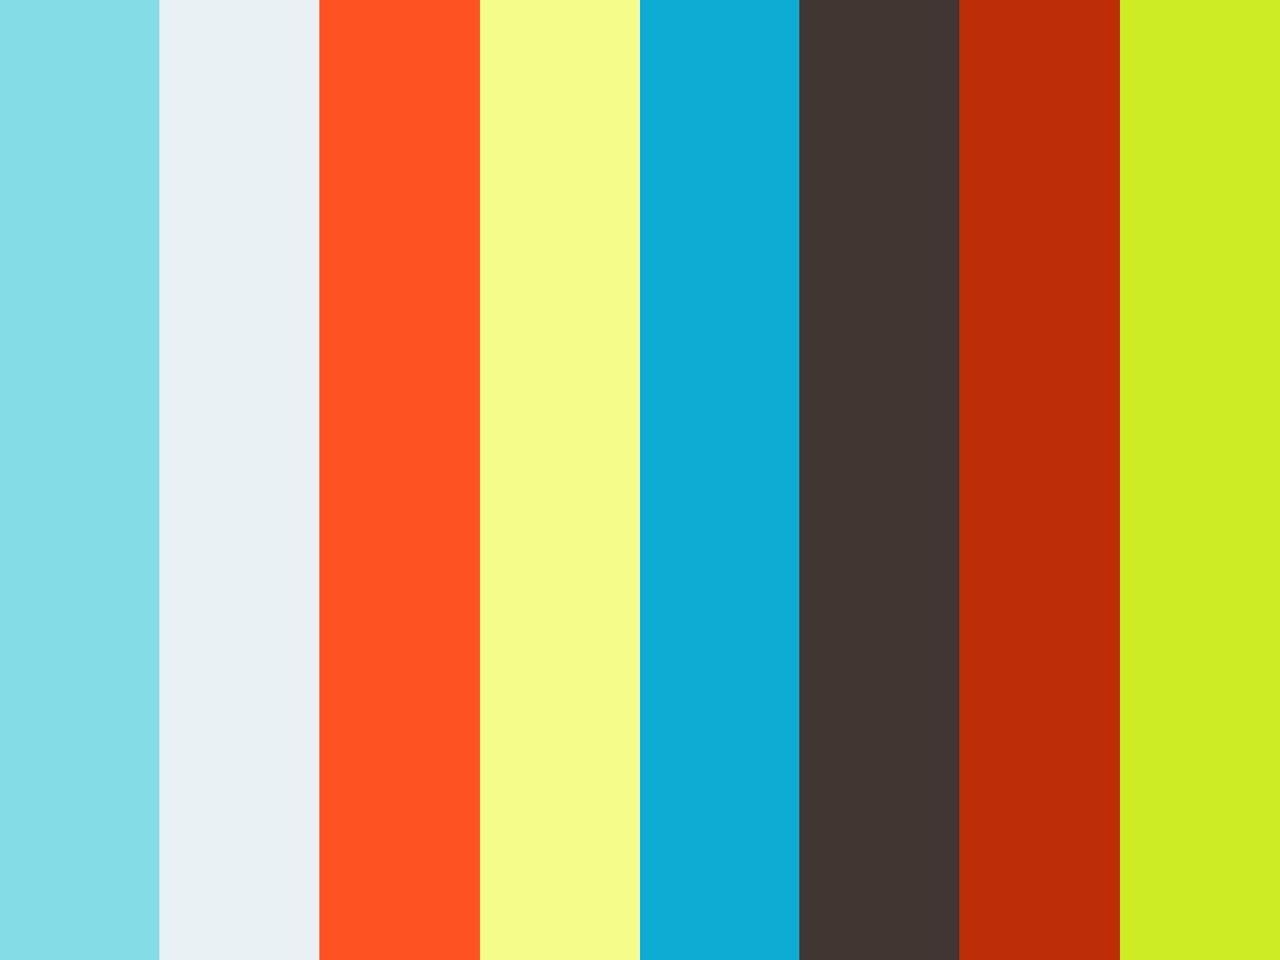 Molokai Covid19 update - April 1st, 2020